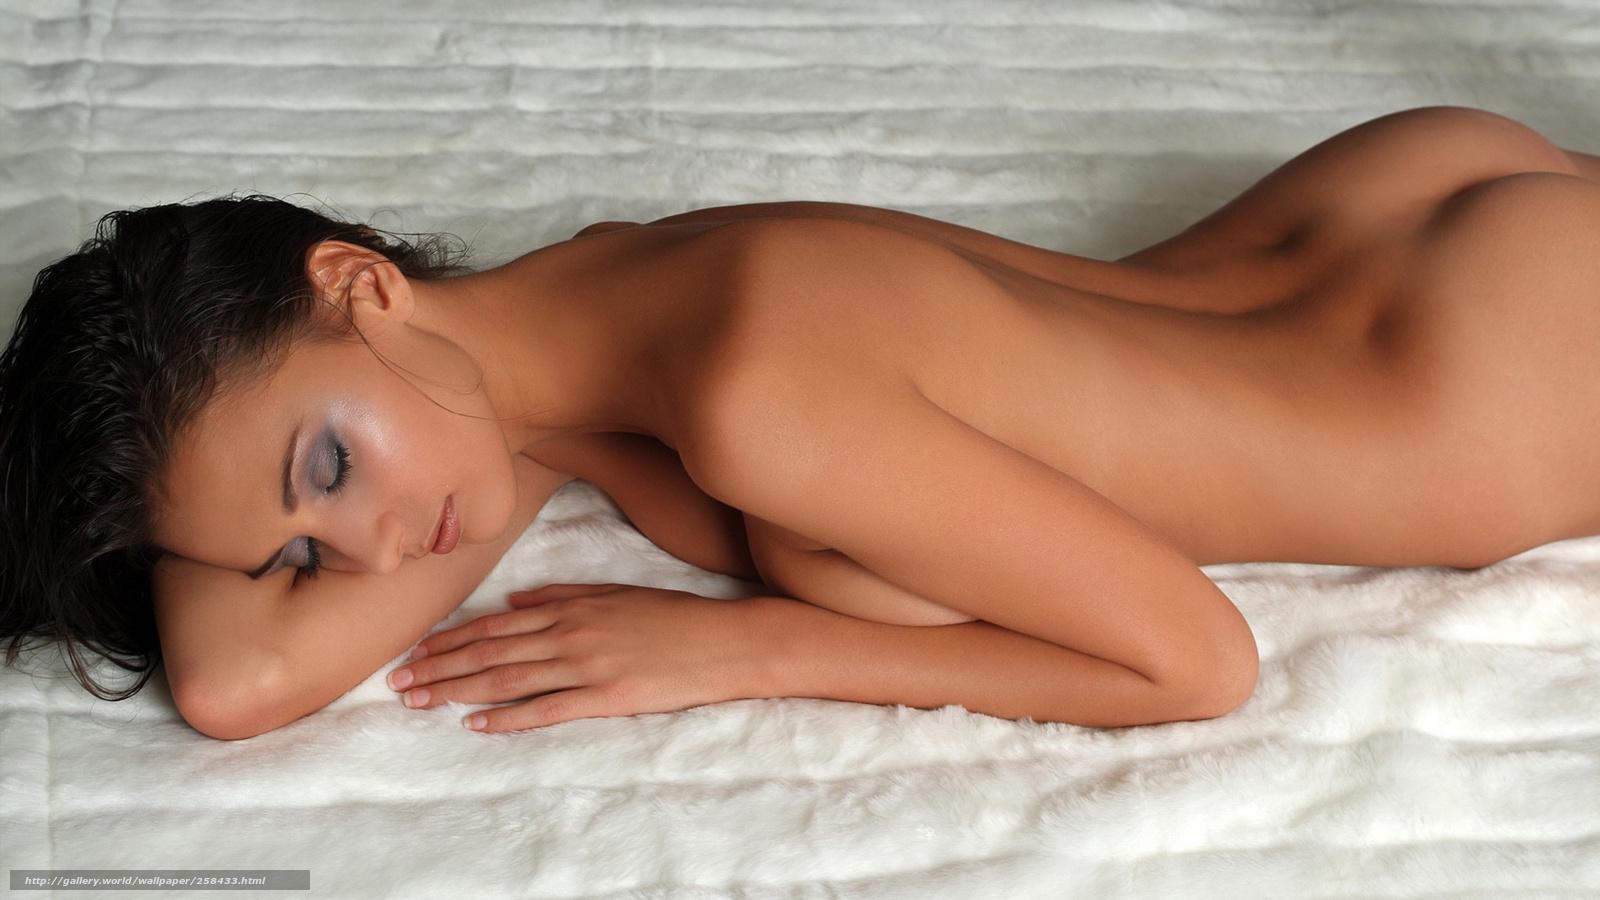 Самая красивая голая девушка фото 8 фотография